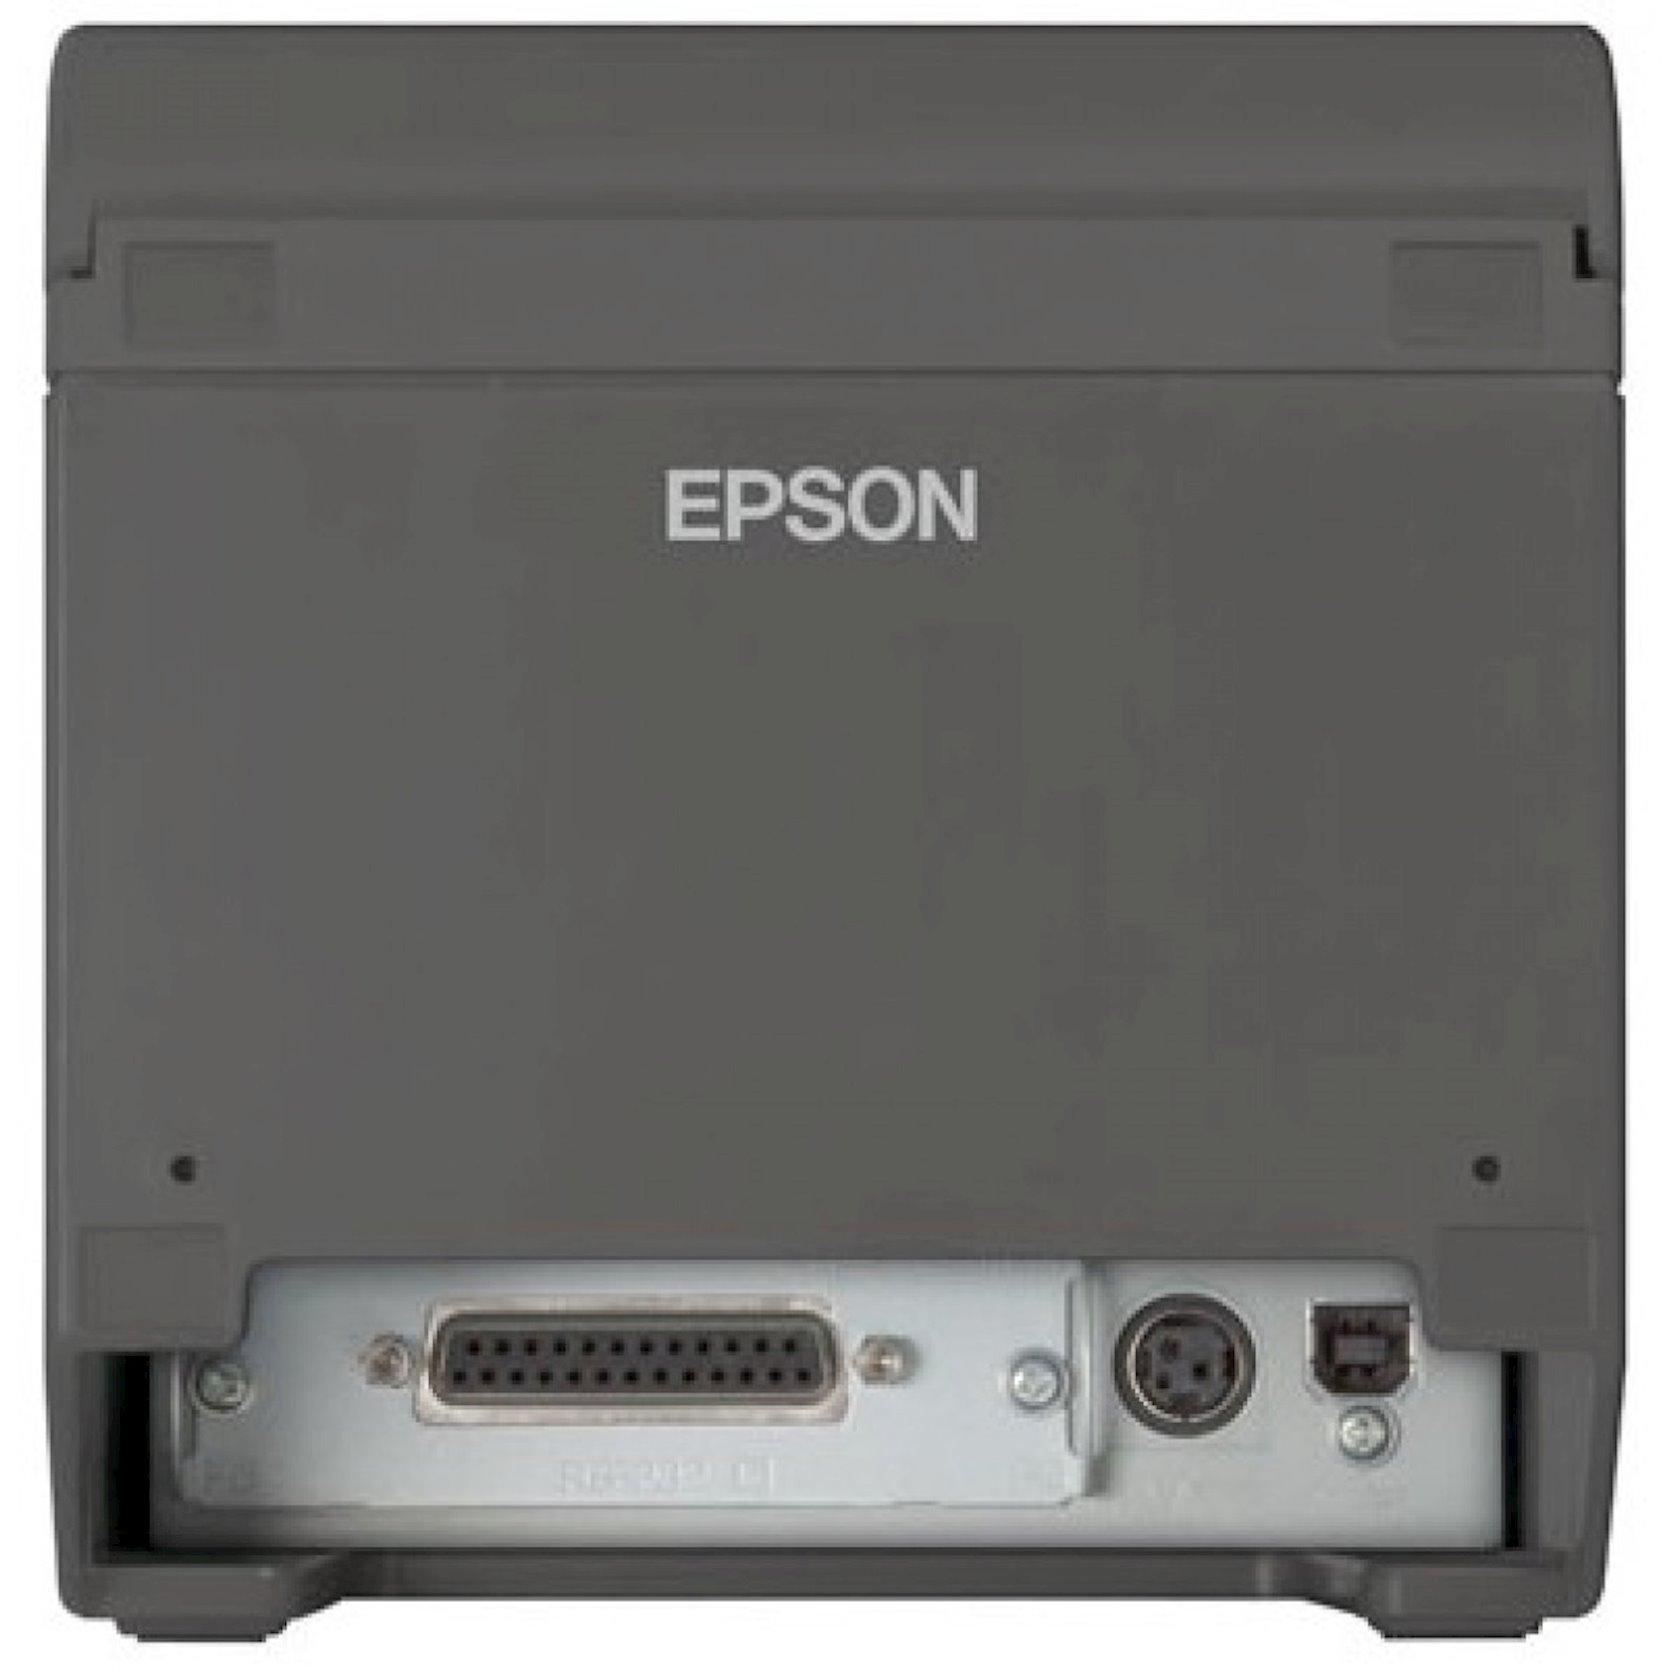 Çek printeri Epson TM-T20II (002)